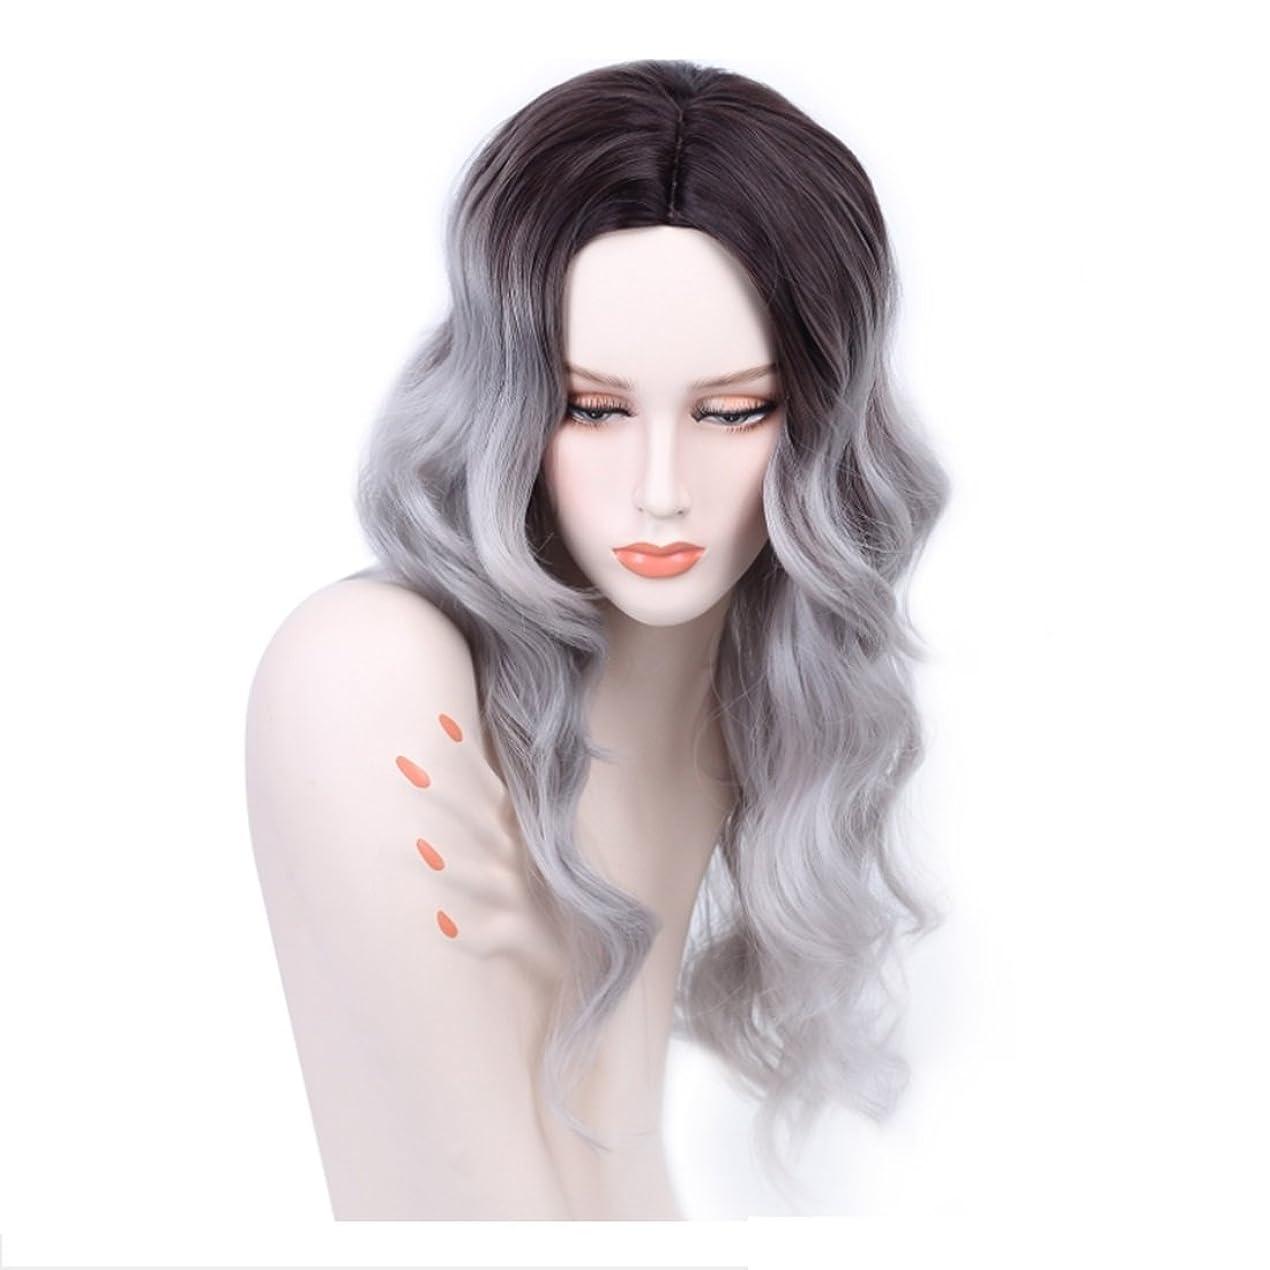 無力チューリップマディソンKoloeplf 女性のための光沢のある現実的なかつらロングバンズの長いカーリーヘアウィッグ耐熱性のふわふわ毛髪かつら21インチ (Color : Black gradient gray)